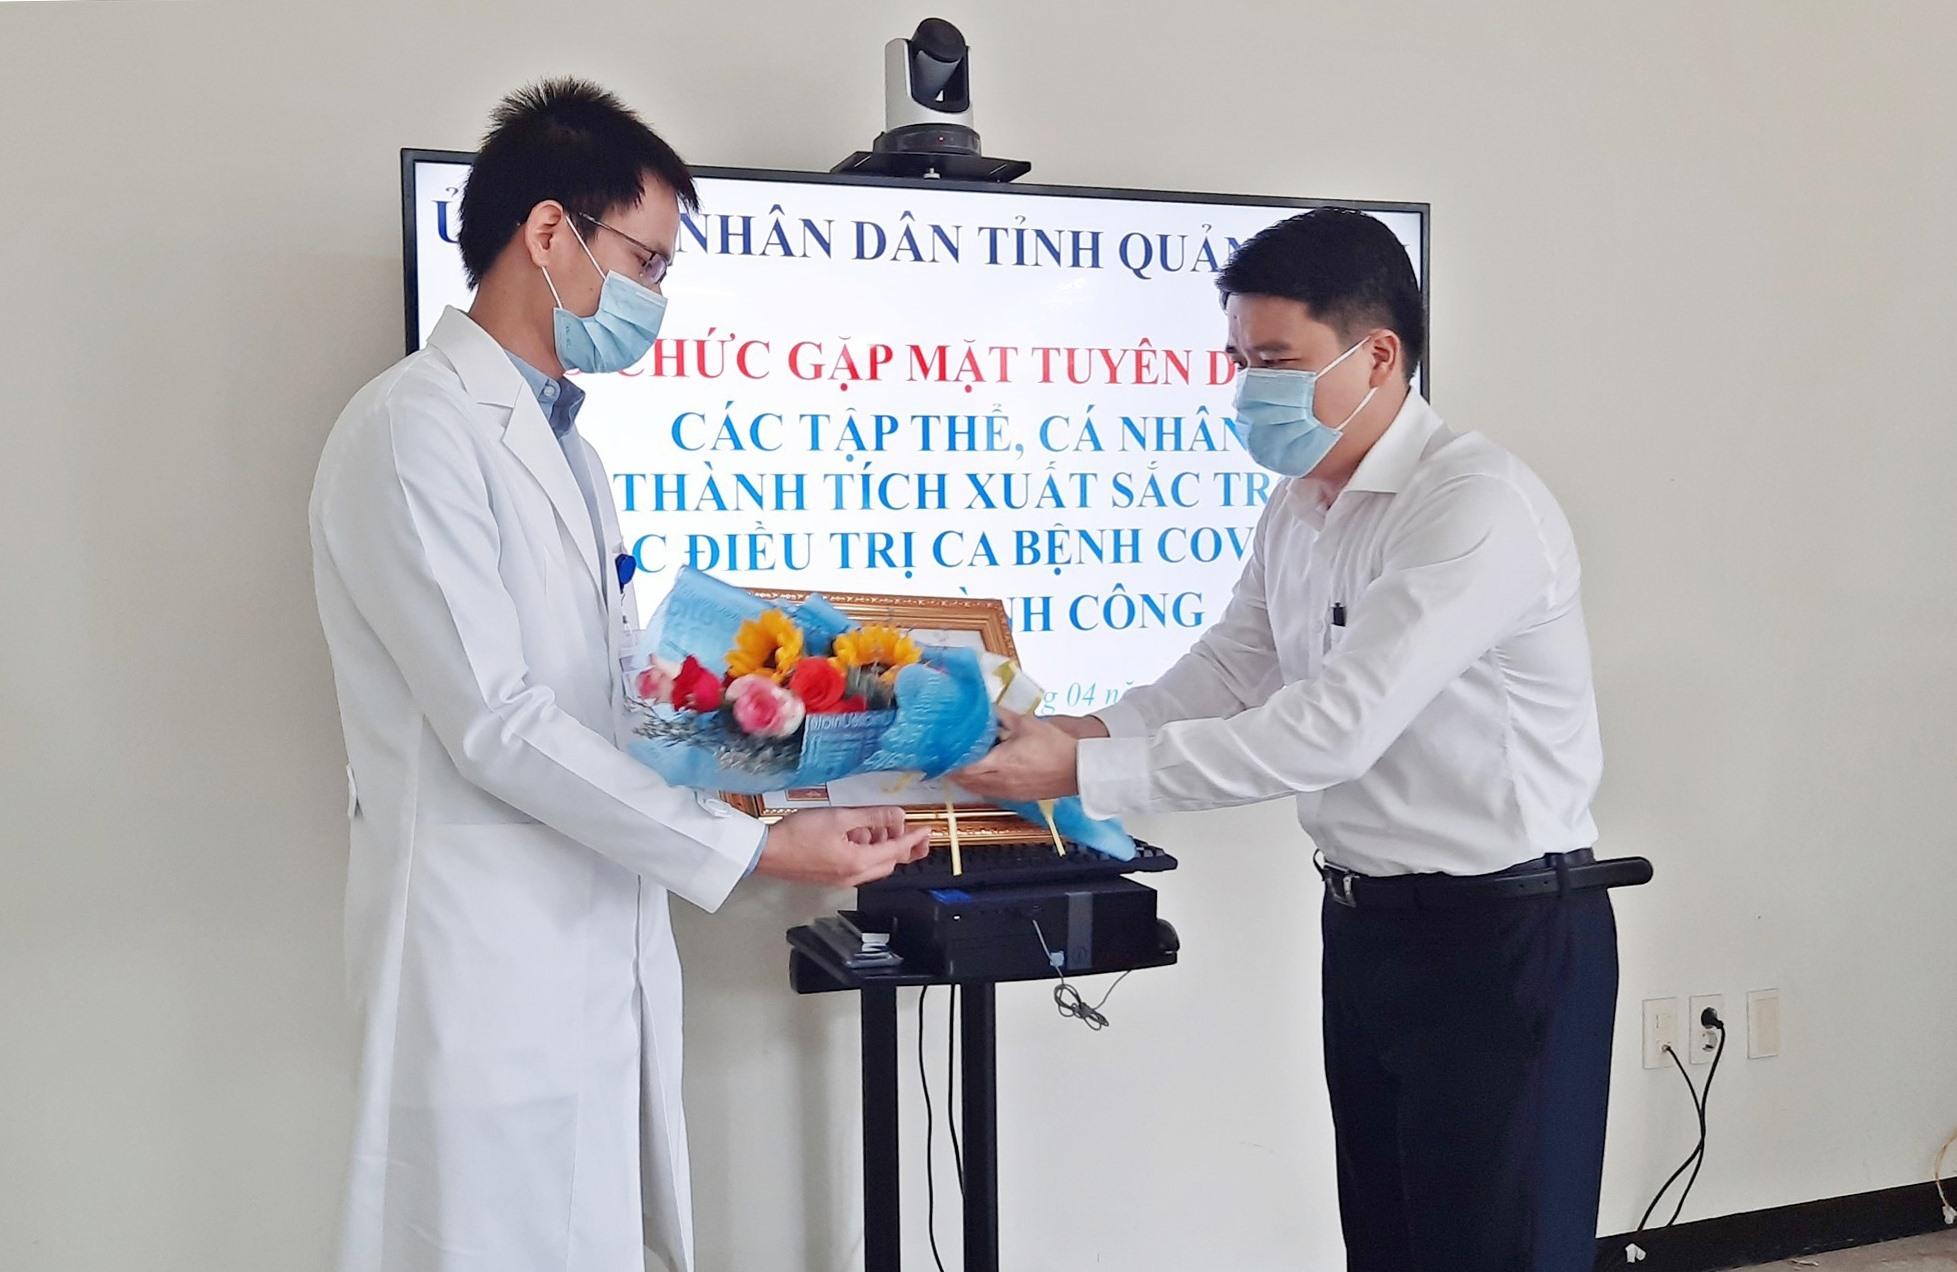 Trưởng khoa Y học nhiệt đới Lê Viết Nhiệm nhận bằng khen vì có thành tích xuất sắc trong công tác phòng, chống dịch Covid-19. Ảnh: H. ĐẠO